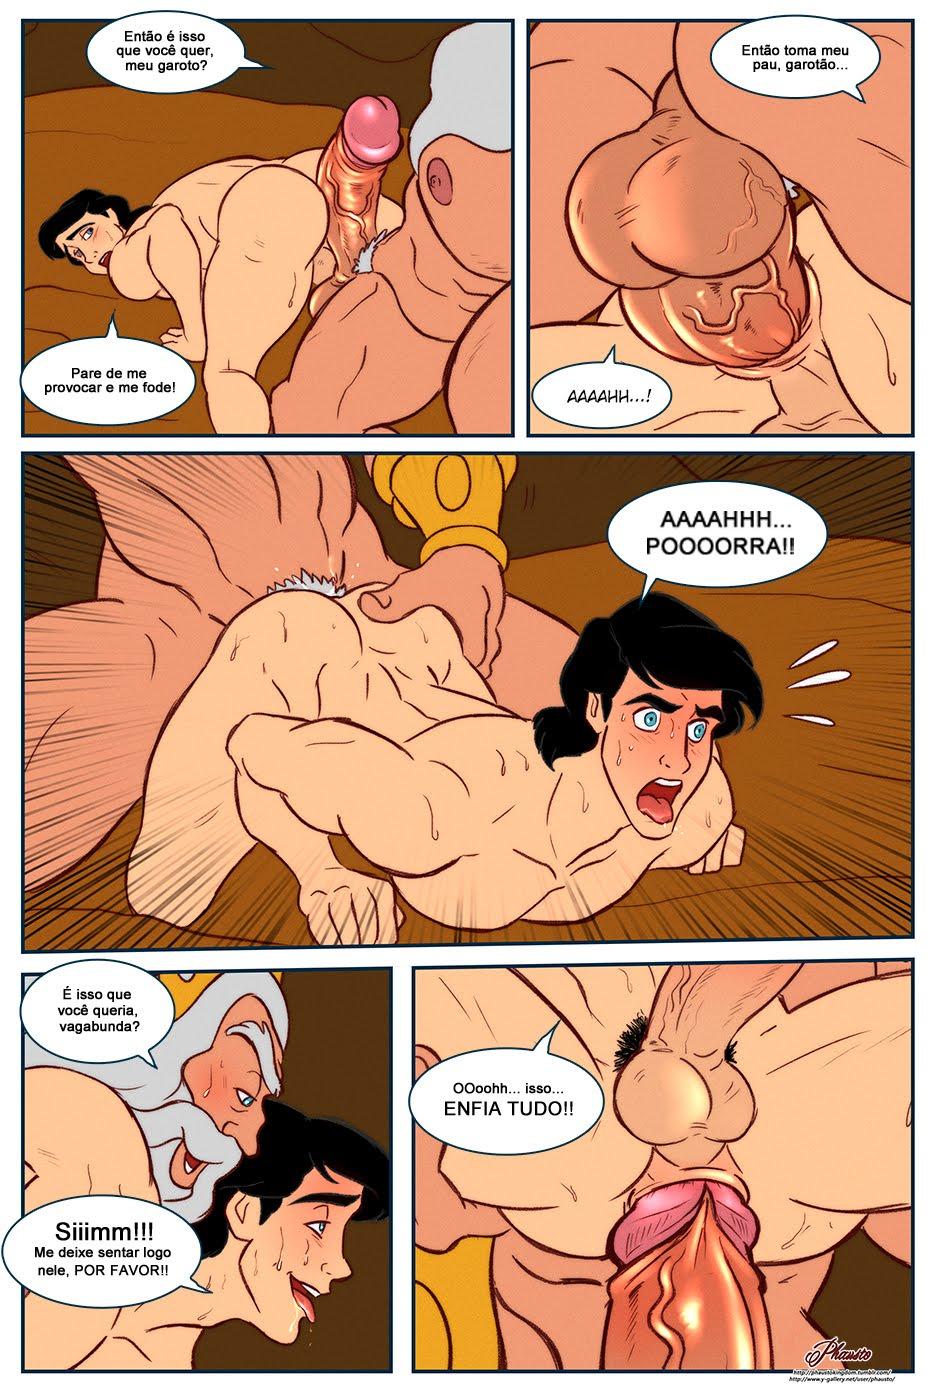 Quadrinhos de sexo gay